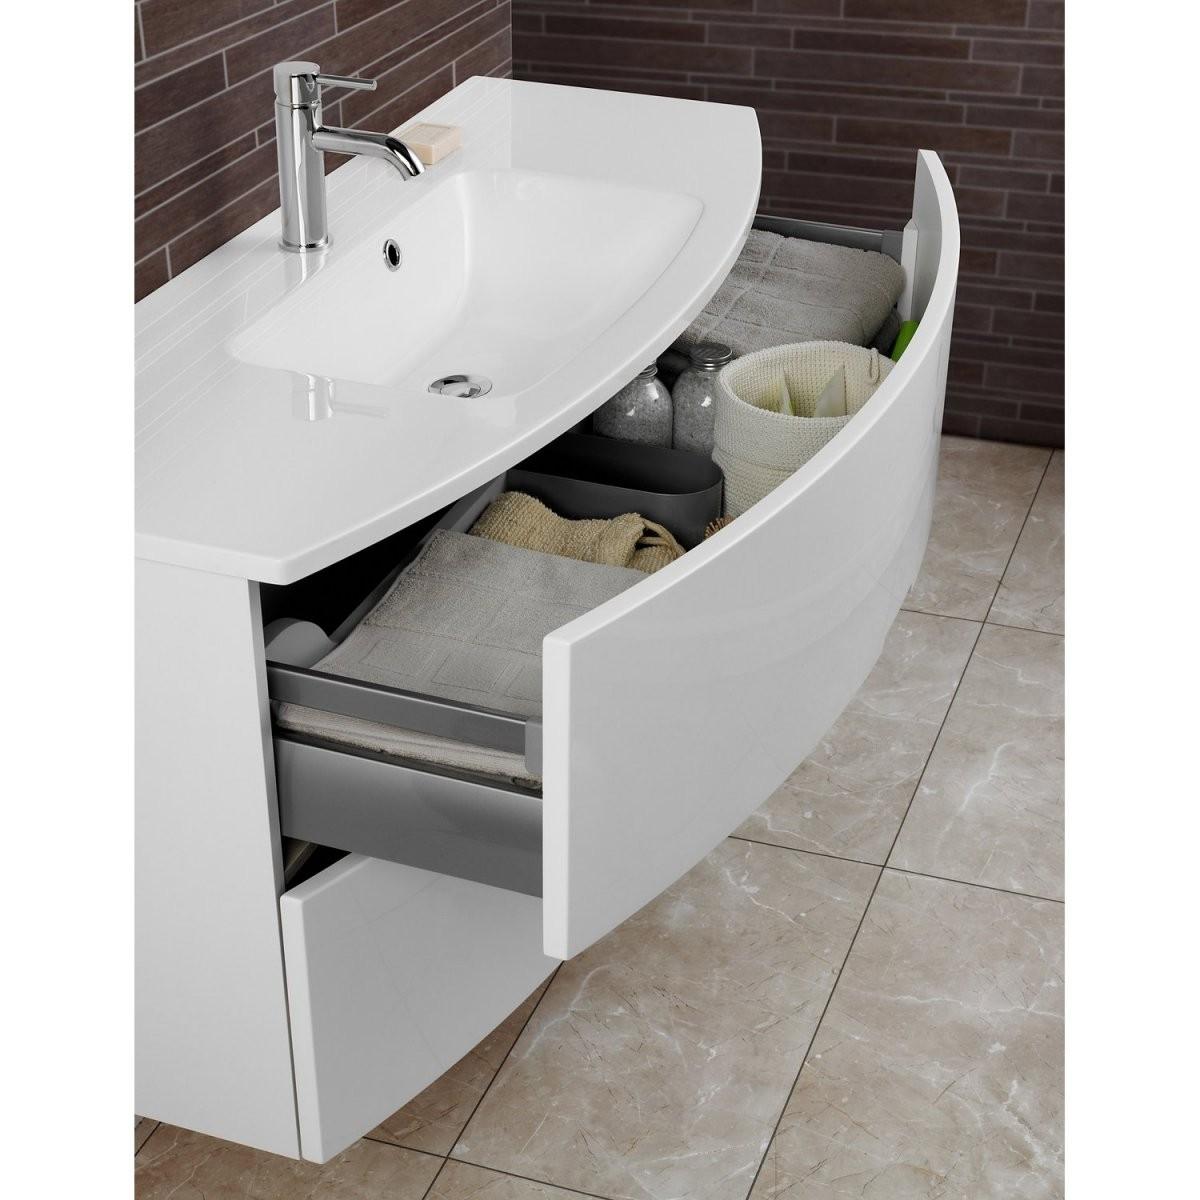 Scanbad Badmöbelset 90 Cm Mit Spiegelschrank Modern Weiß Hochglanz von Badmöbel 90 Cm Breit Bild